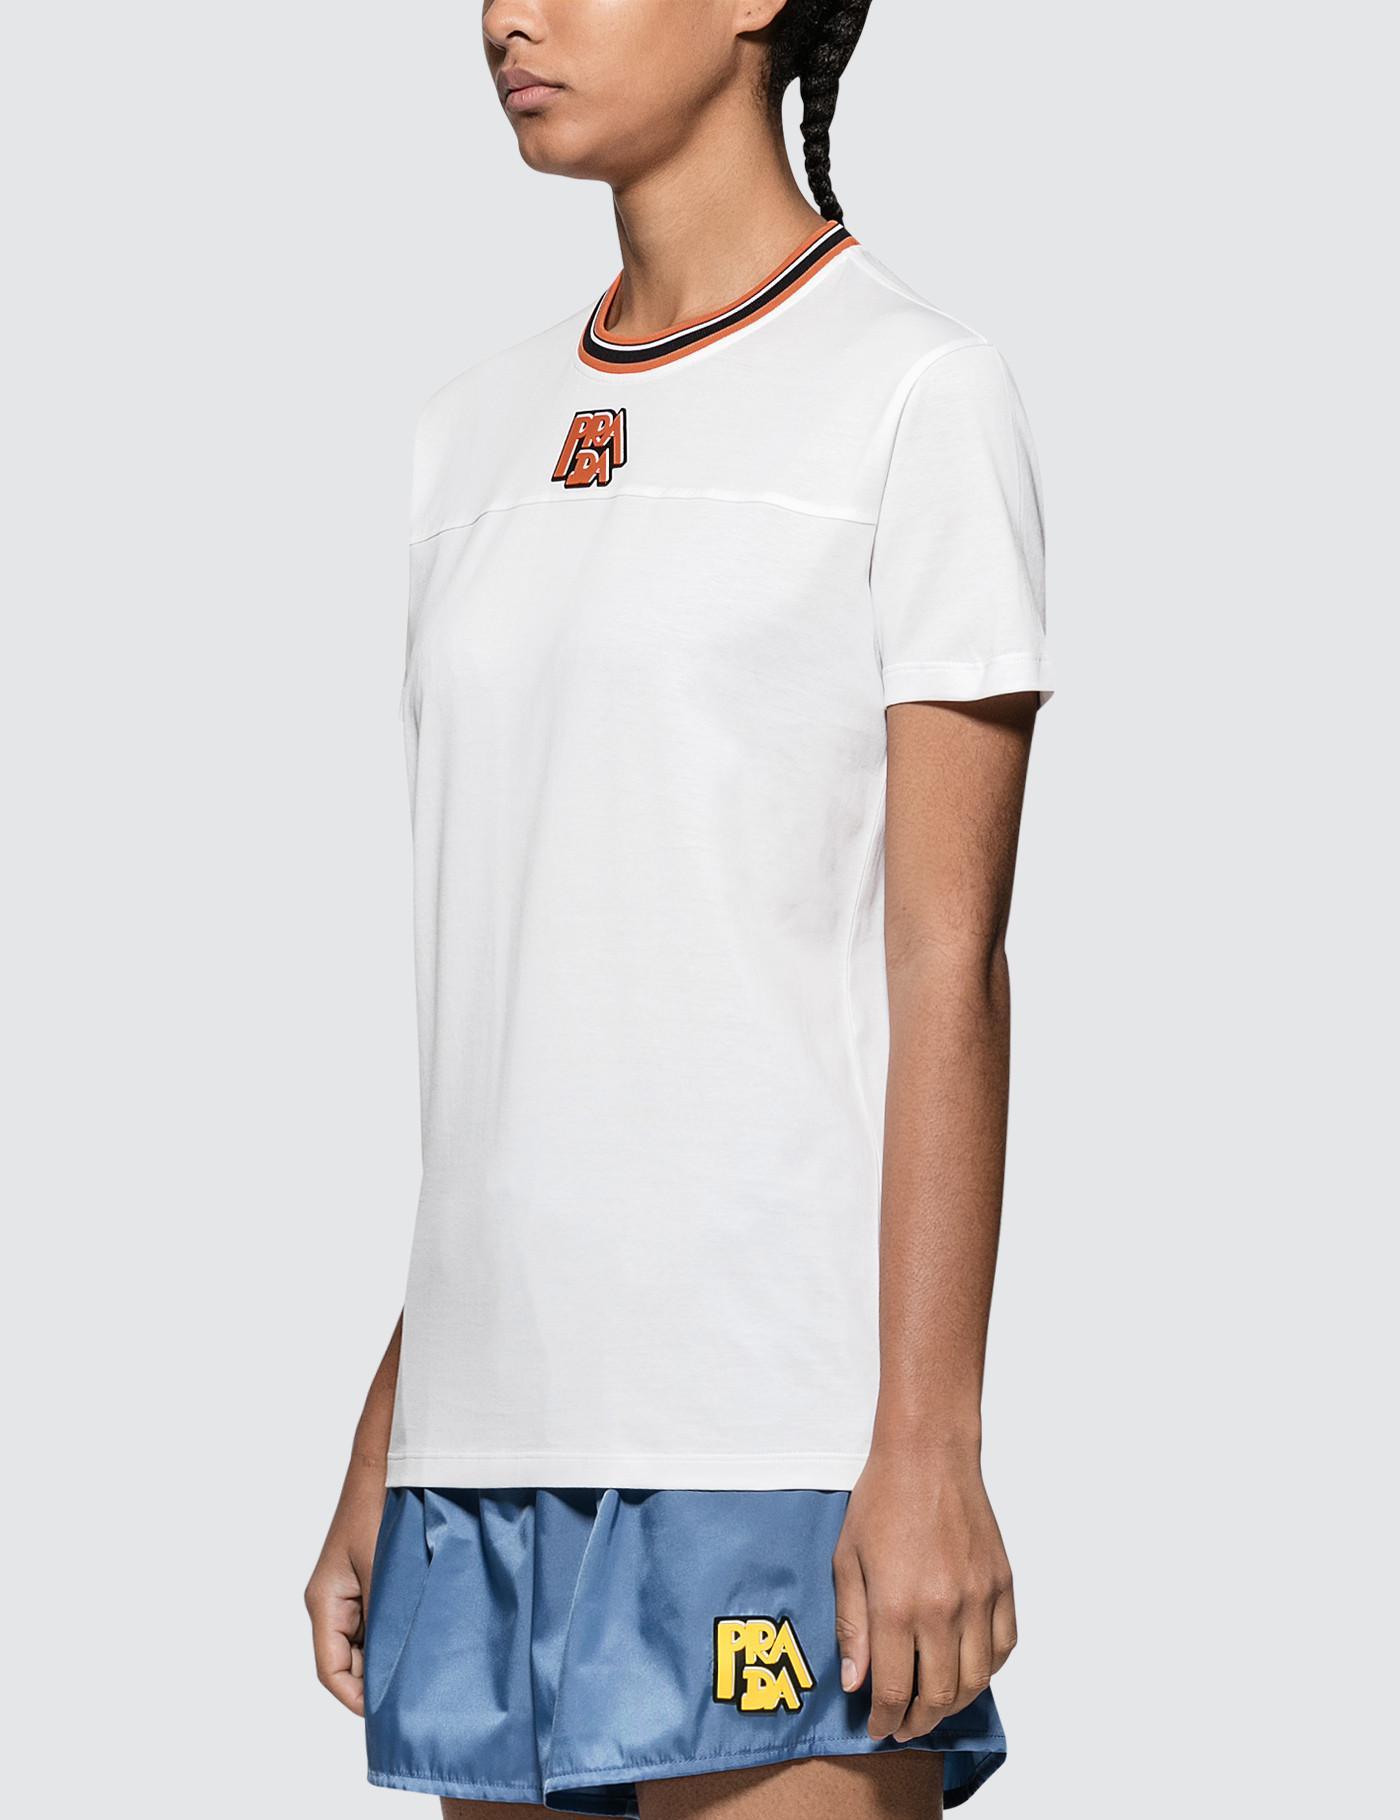 54c4ae147885 Lyst - Prada Logo Short Sleeve T-shirt in White